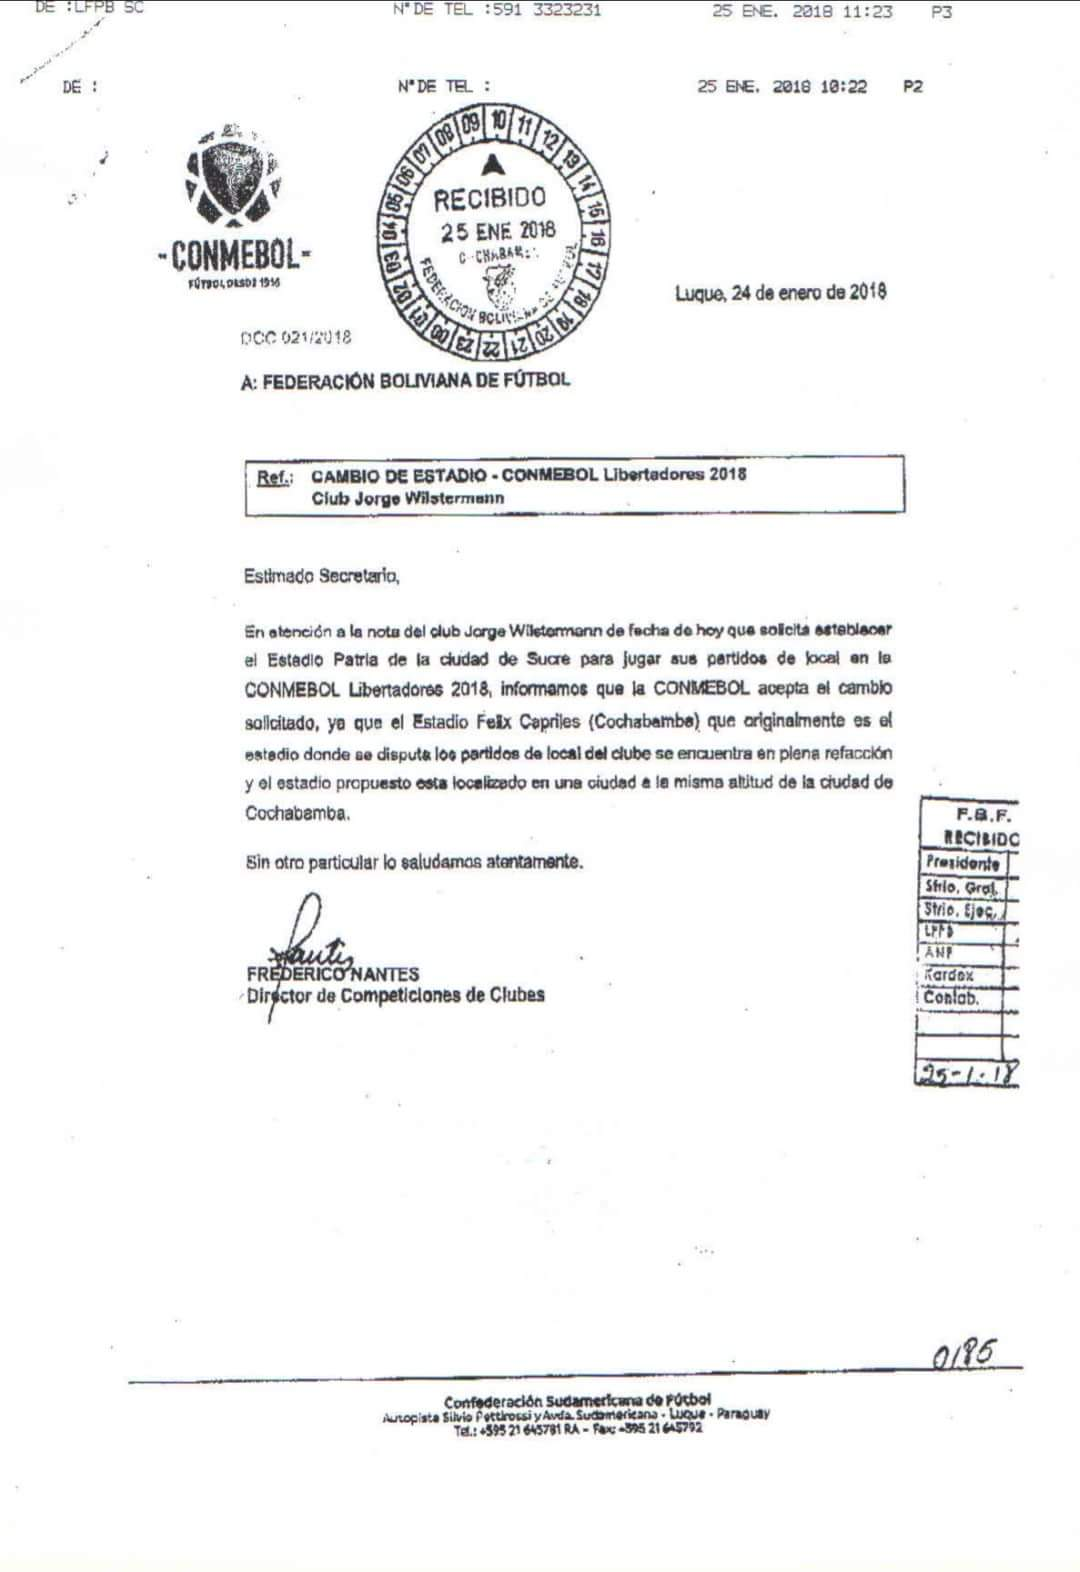 En una carta que se hizo pública hoy, el director de Competiciones de Clubes de la #Conmebol, Federico Nantes, informó a la FBF sobre la aceptación del cambio de escenario deportivo solicitado por el equipo ´aviador´